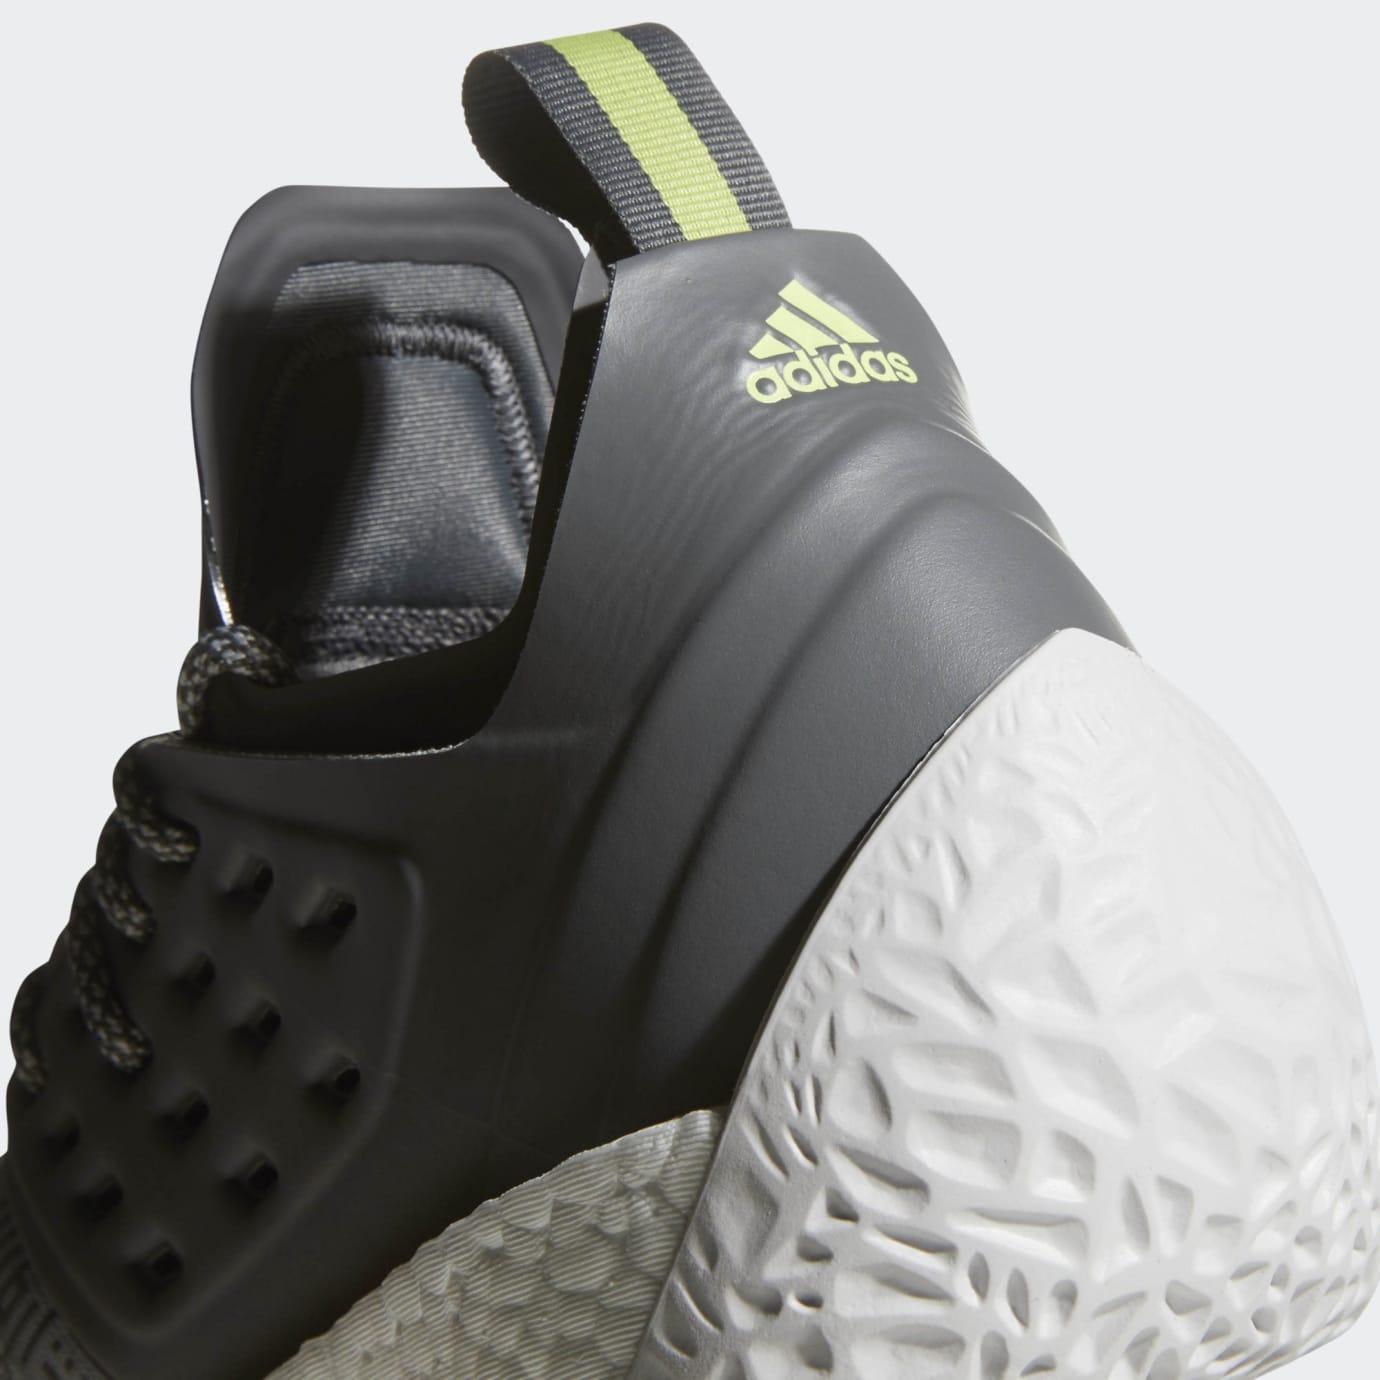 Adidas Harden Vol. 2 Concrete Grey Release Date AH2122 Heel